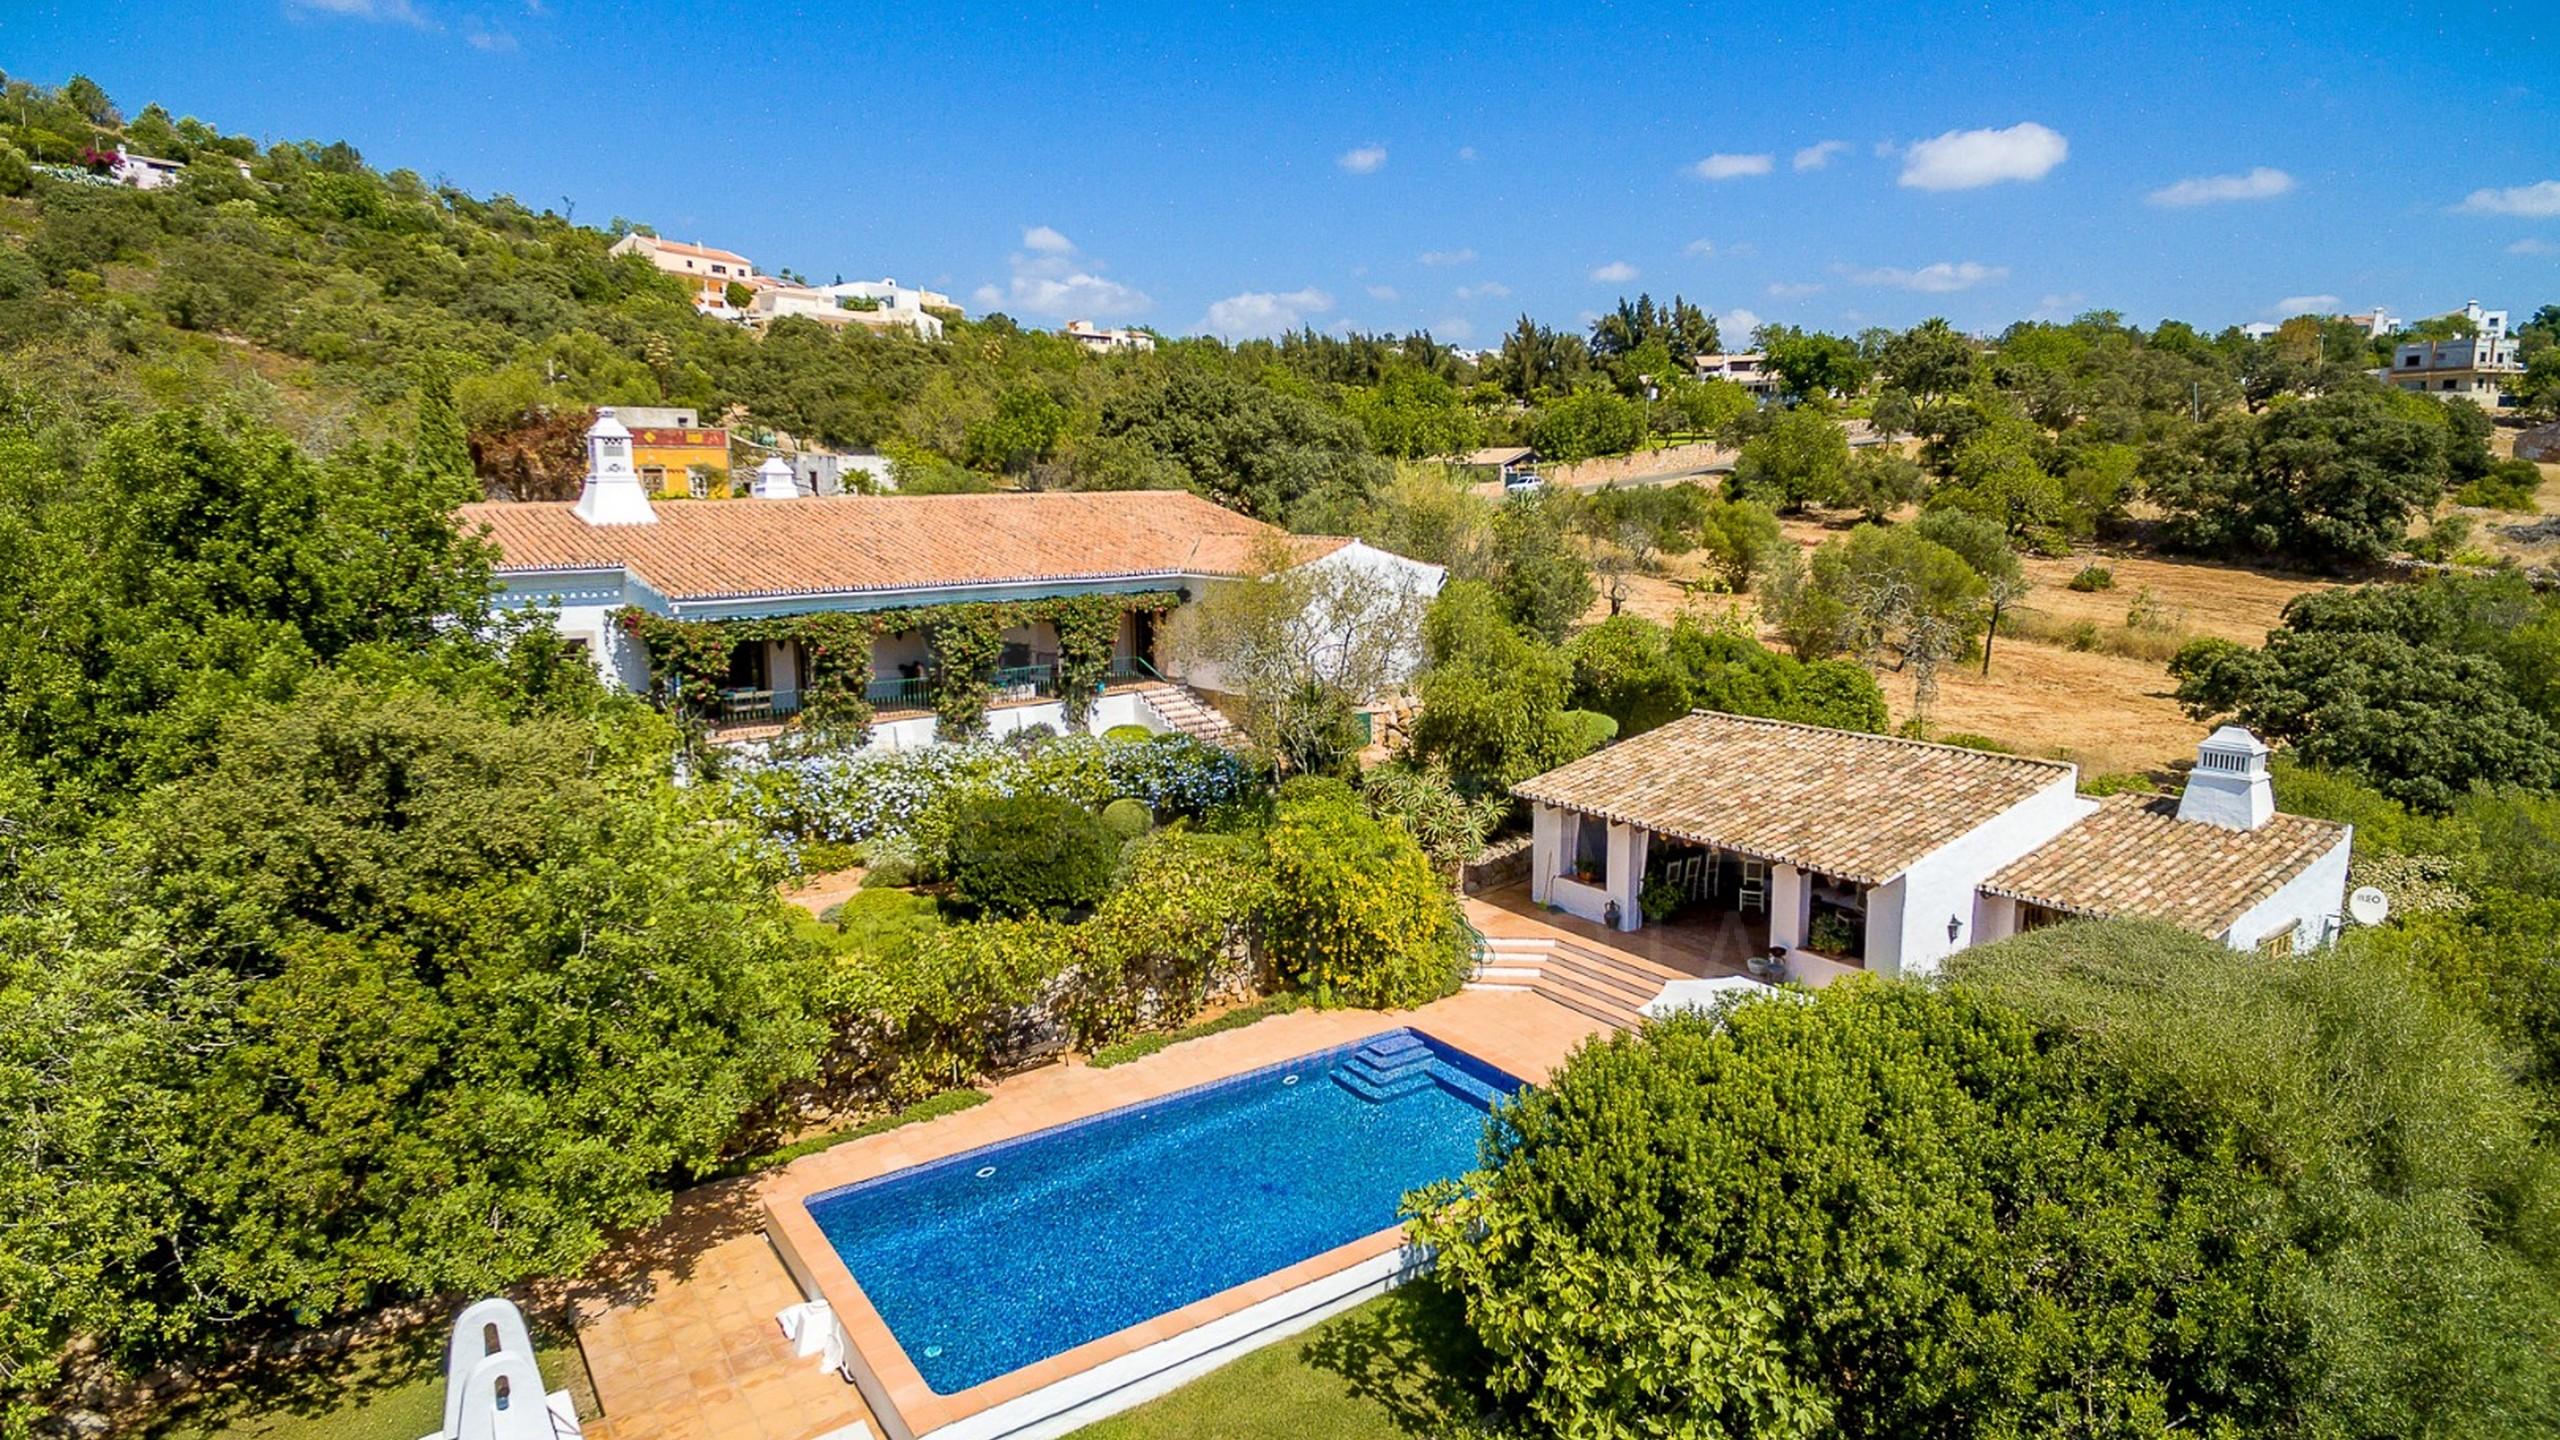 Propriedade à venda no Algarve com piscina